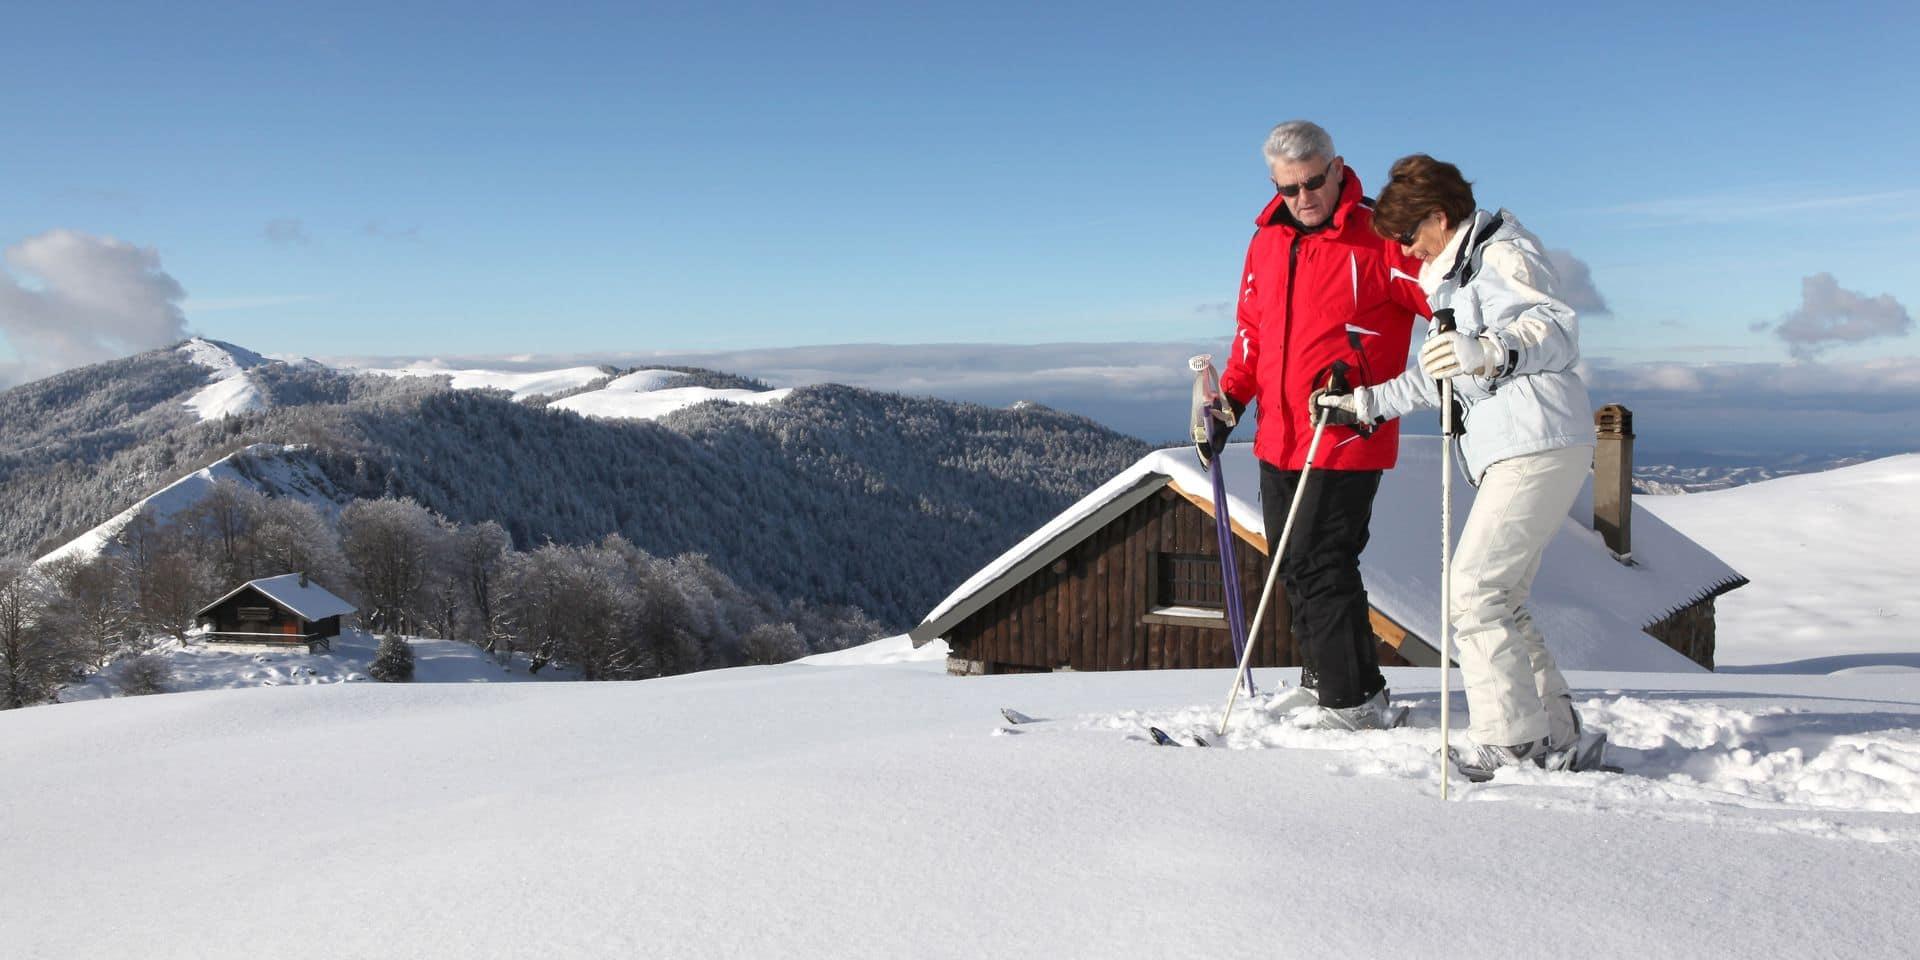 Comment les seniors doivent se préparer pour partir skier